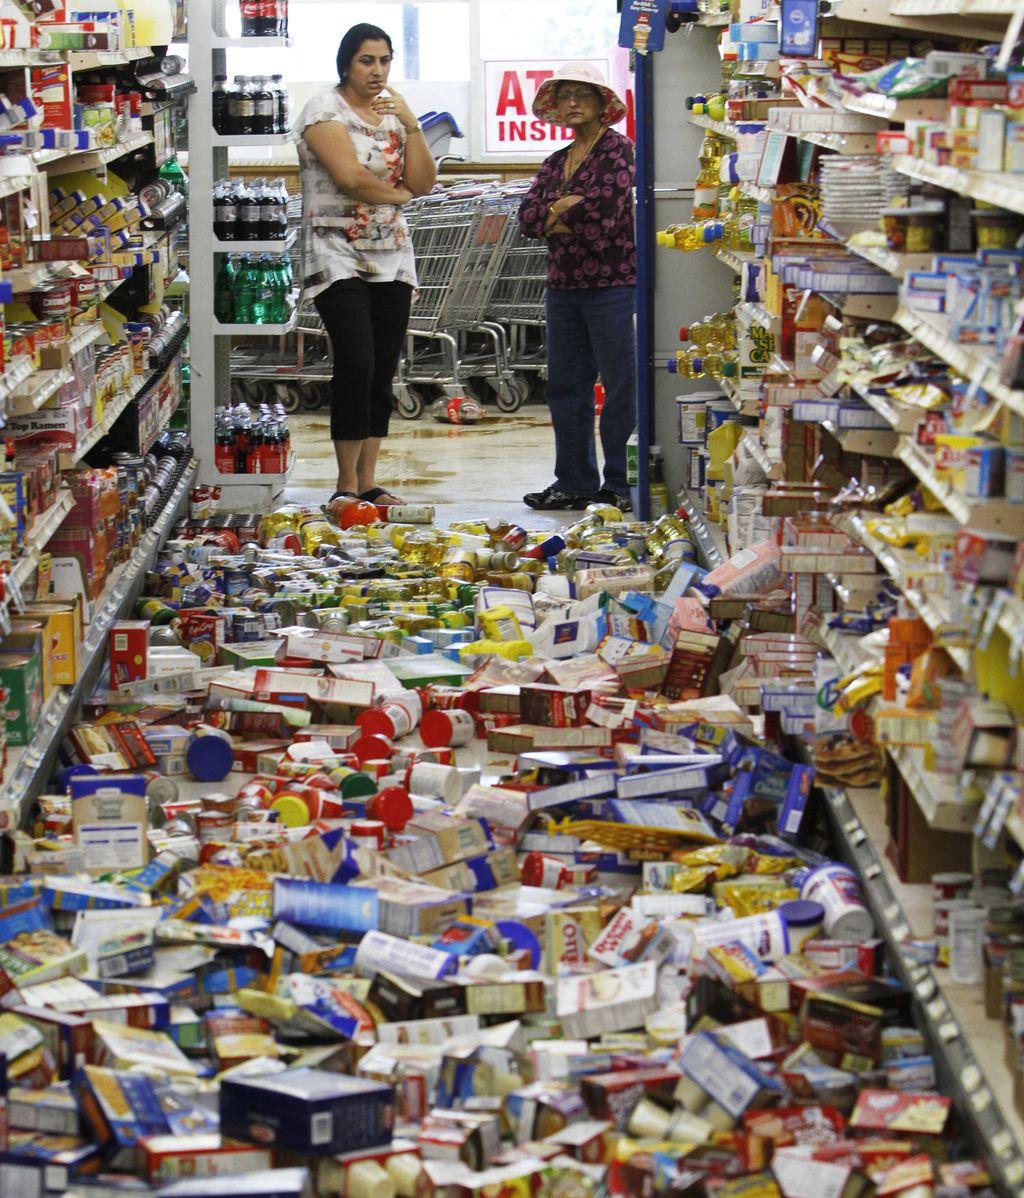 Los productos han caída al suelo como consecuencia del sismo